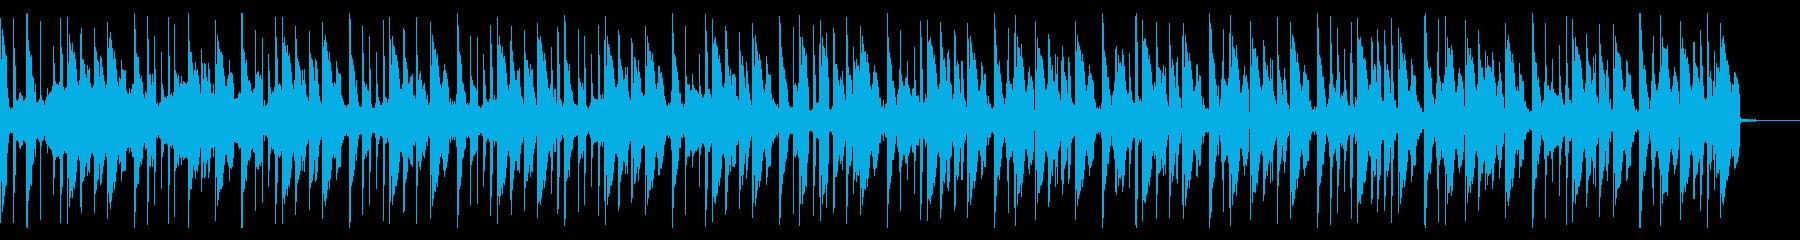 スイープ、140 BPMの再生済みの波形